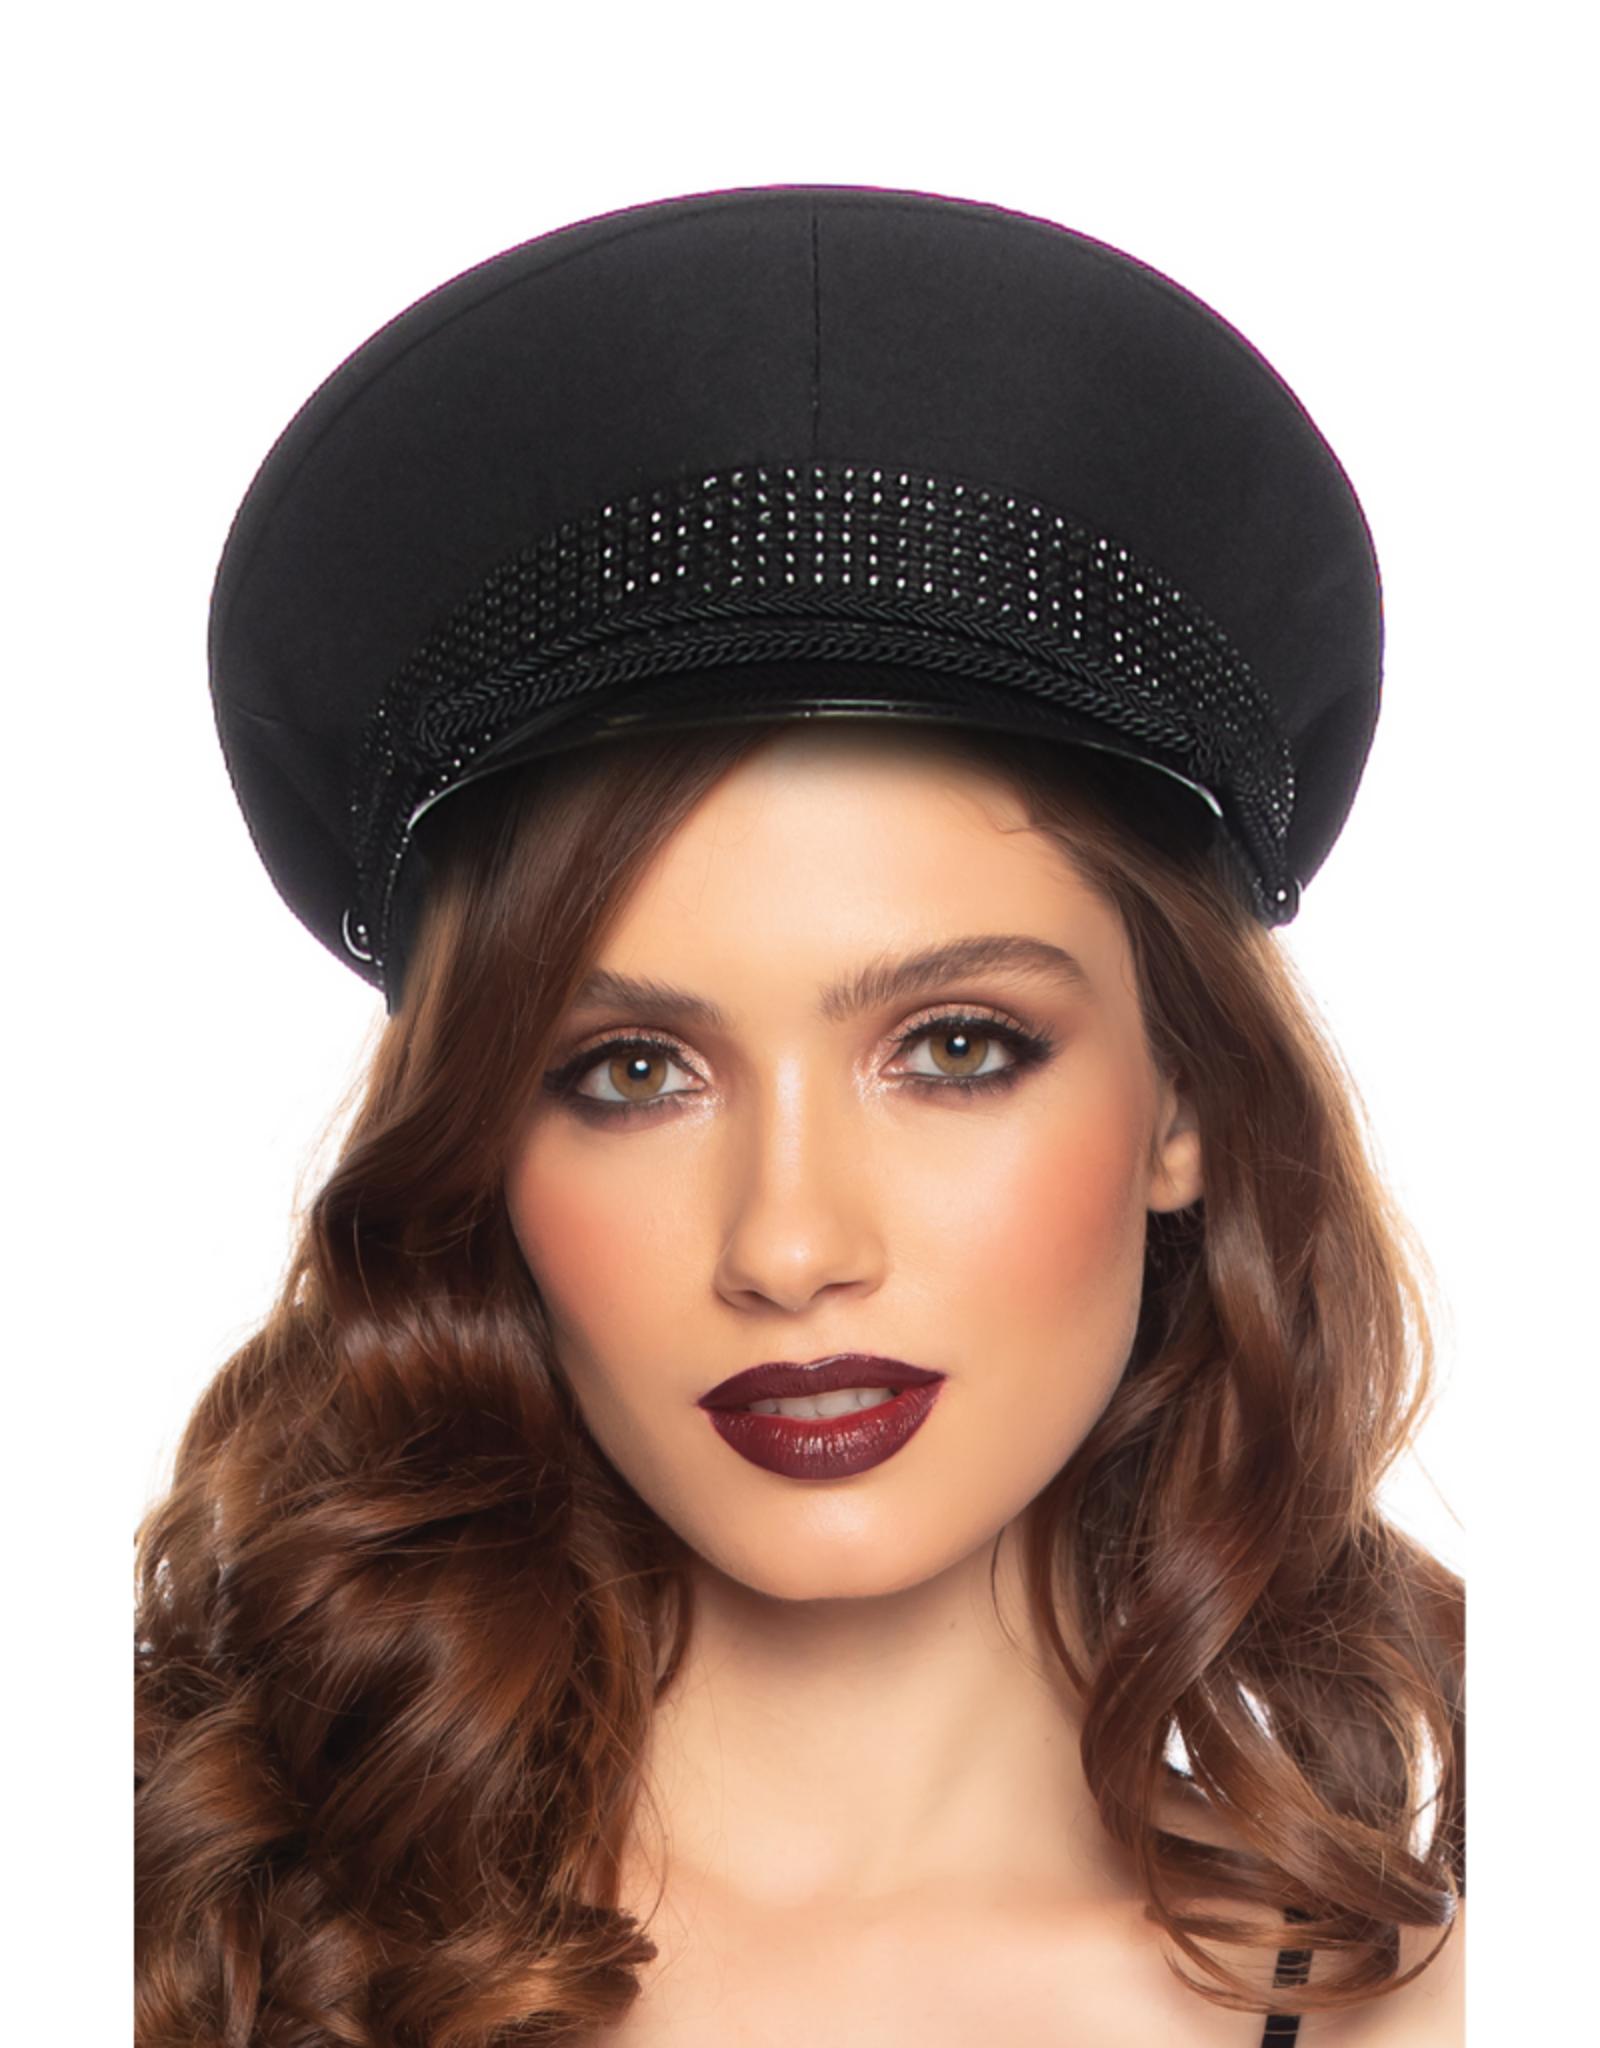 HAT-OFFICER W/RHINESTONE BAND, CLOTH BLACK